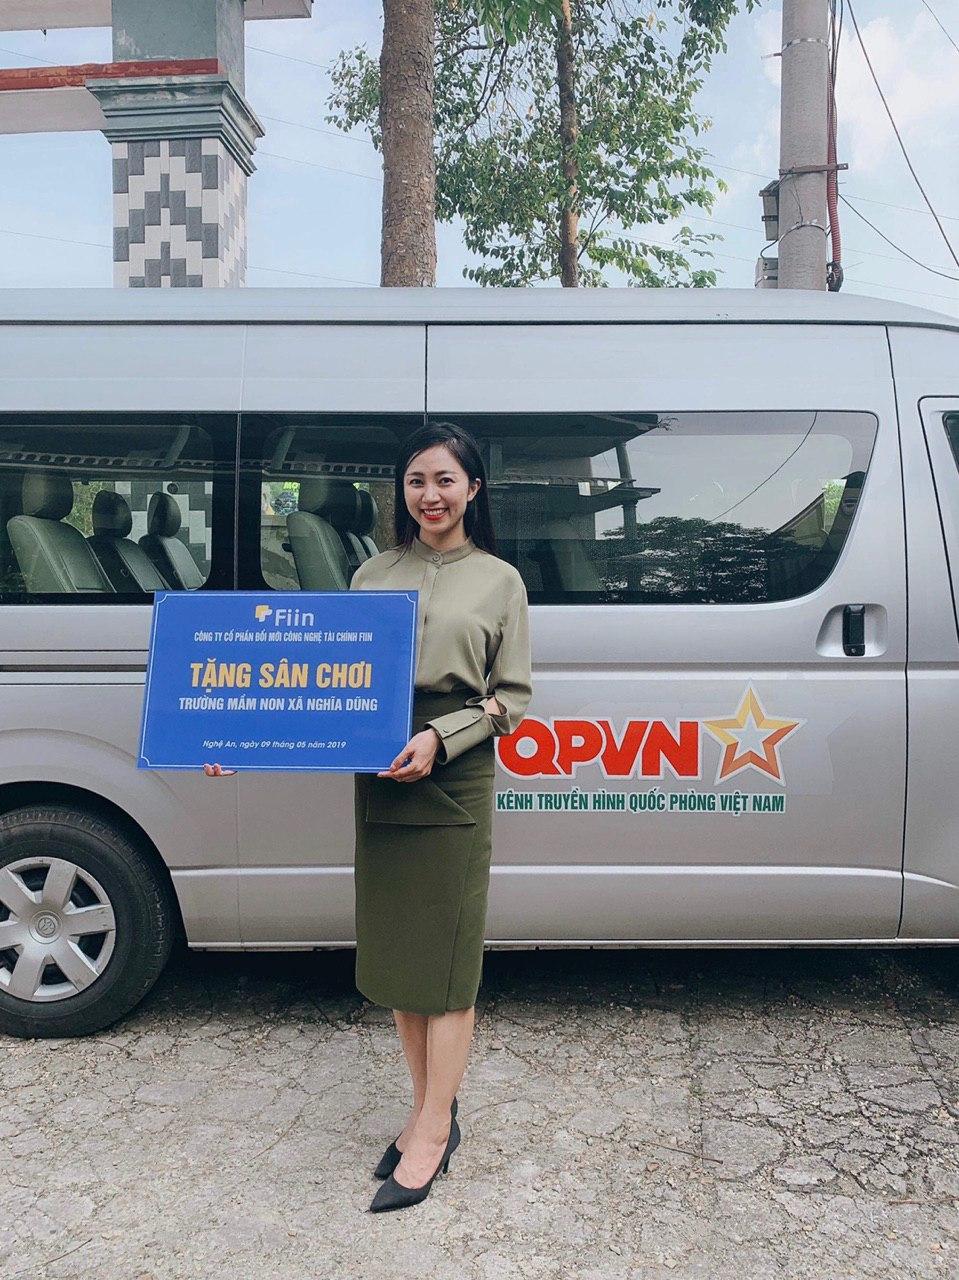 Fiin kết hợp cùng kênh truyền hình quốc phòng Việt Nam để tổ chức hoạt động xã hội, cộng đồng